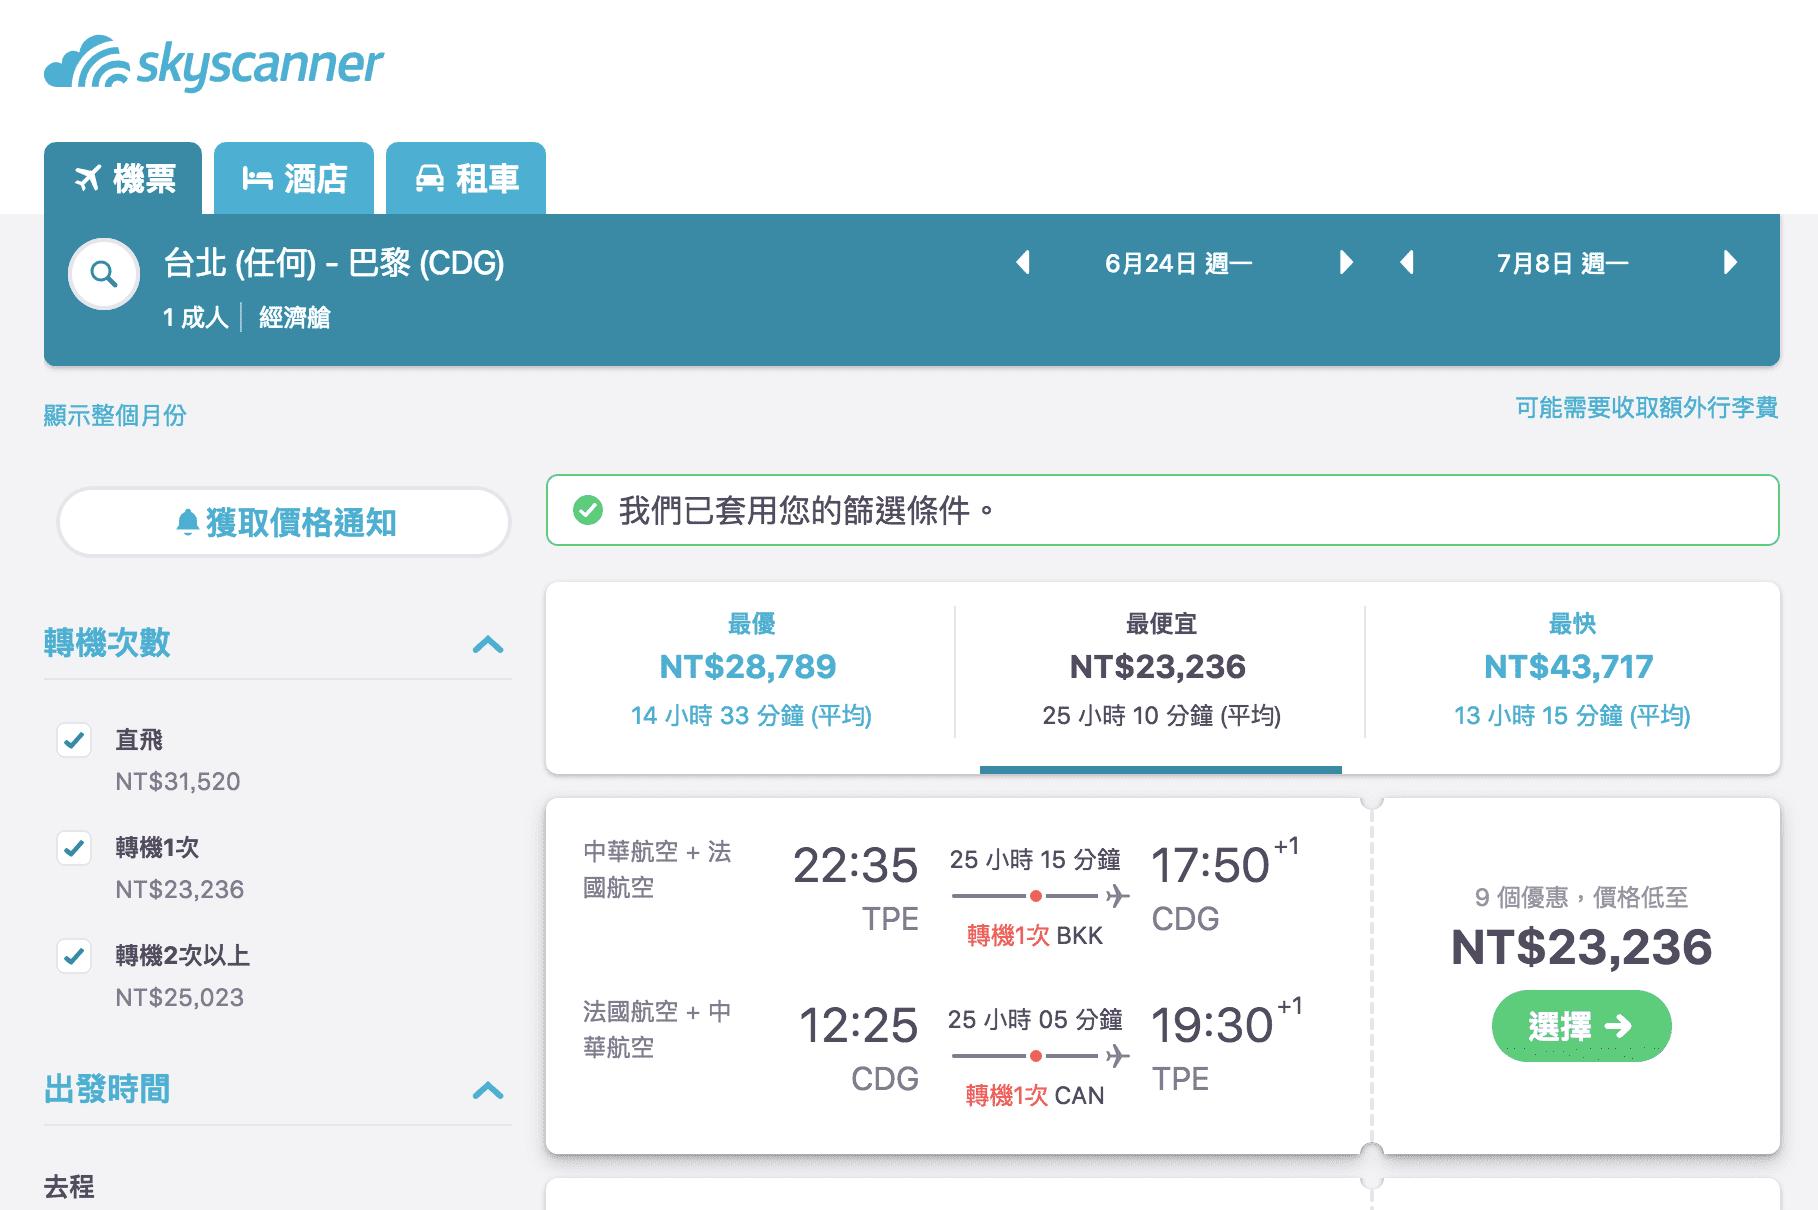 2019暑假歐洲機票便宜票價參考,在不便宜當中找便宜,暑假機票這樣想,巴黎倫敦為例~(查票:107.9.22)